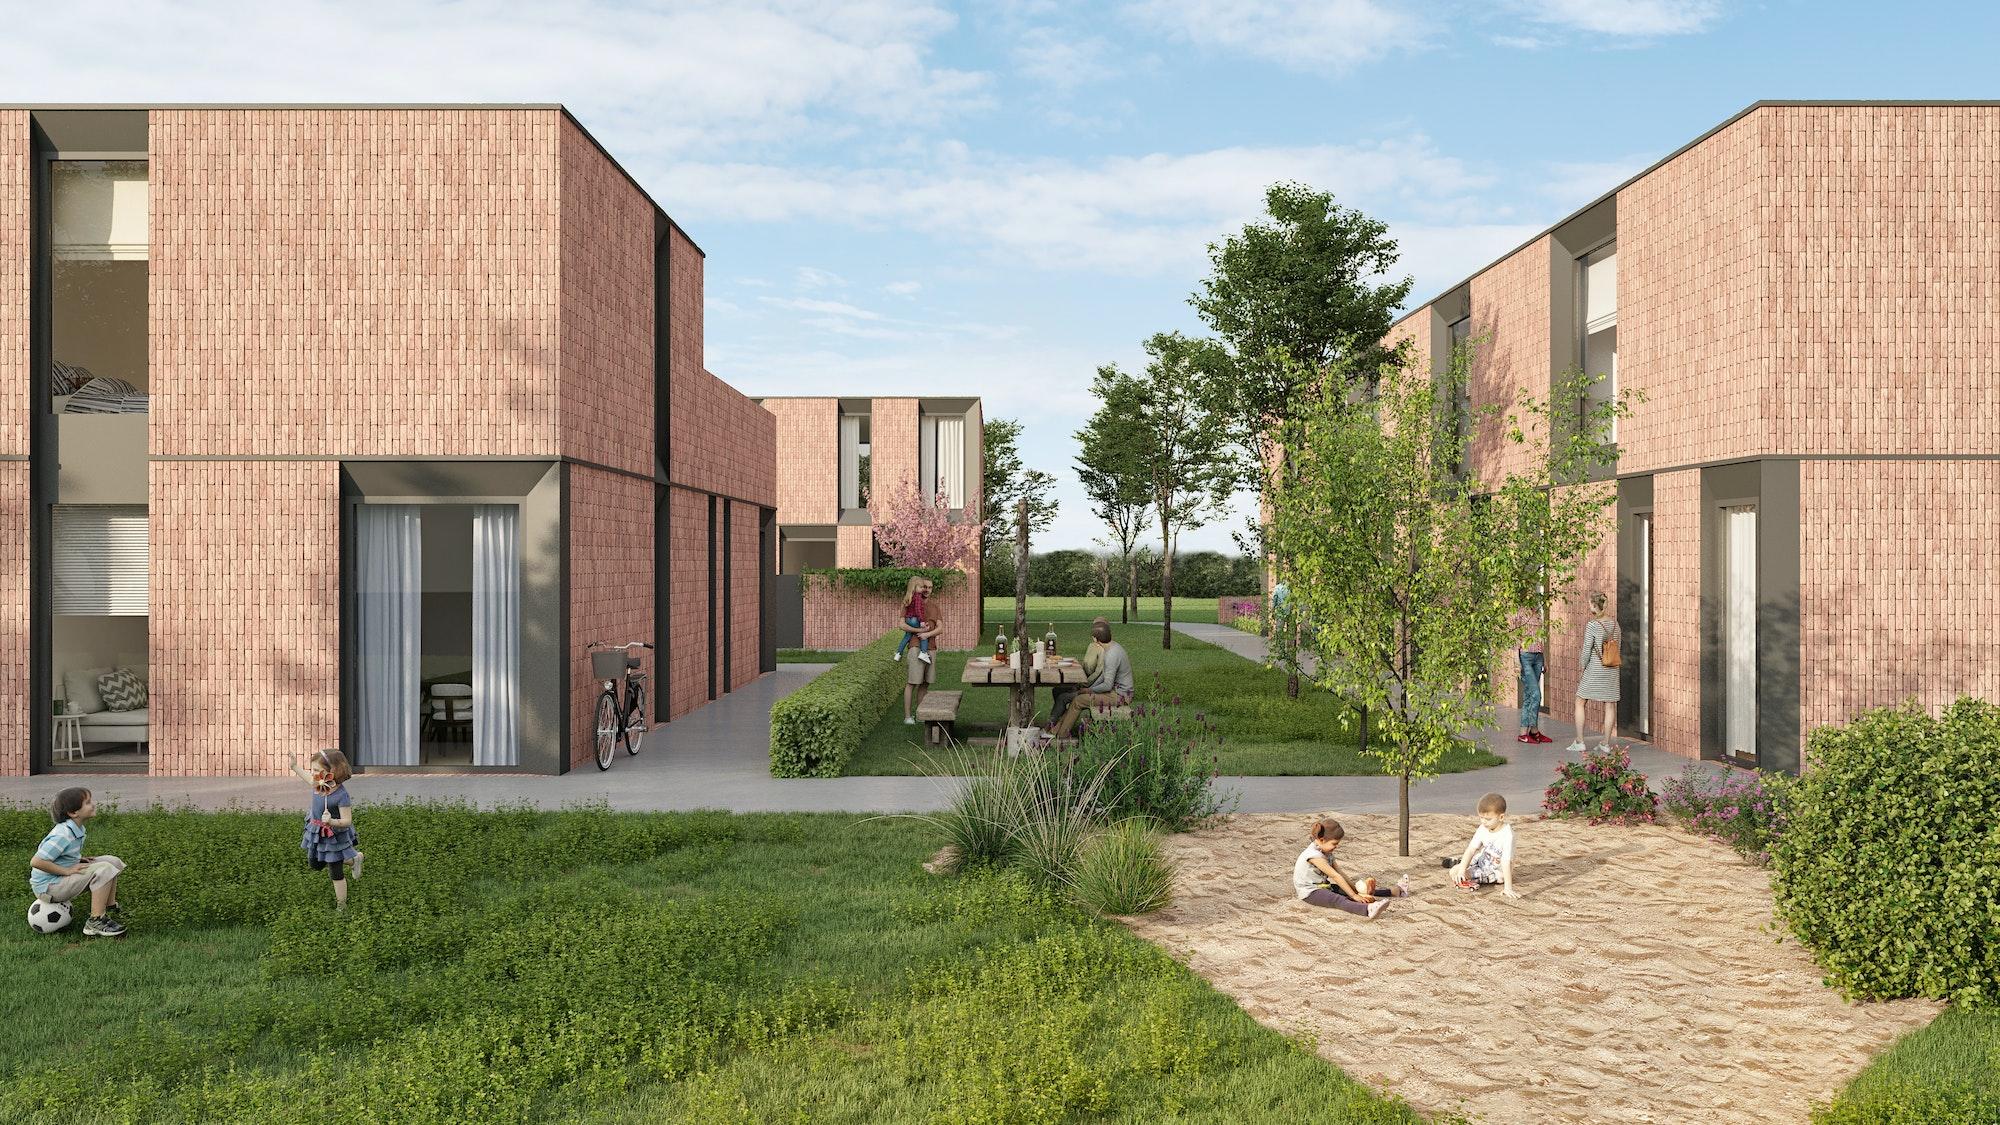 Sfeerbeeld project Hoedhaar, houtskeletbouw woningen, modern design met rode stenen